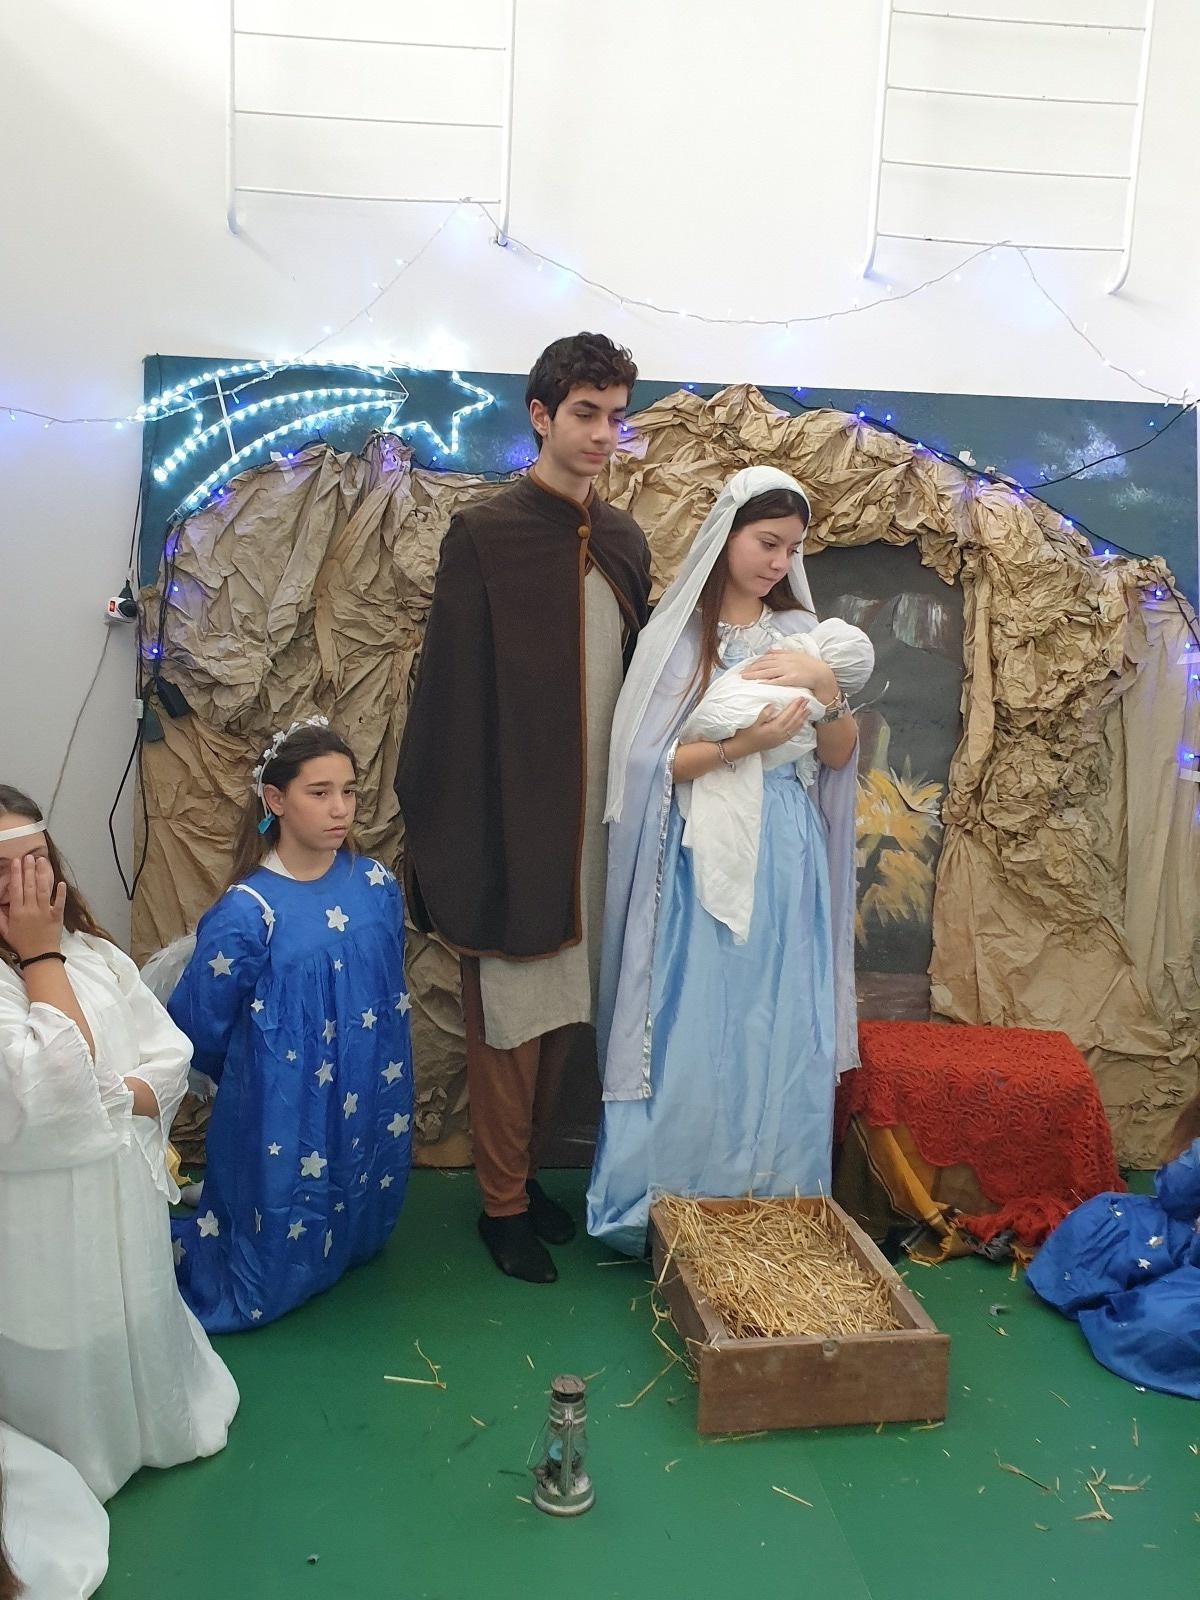 Natale 2019 Presepe Vivente